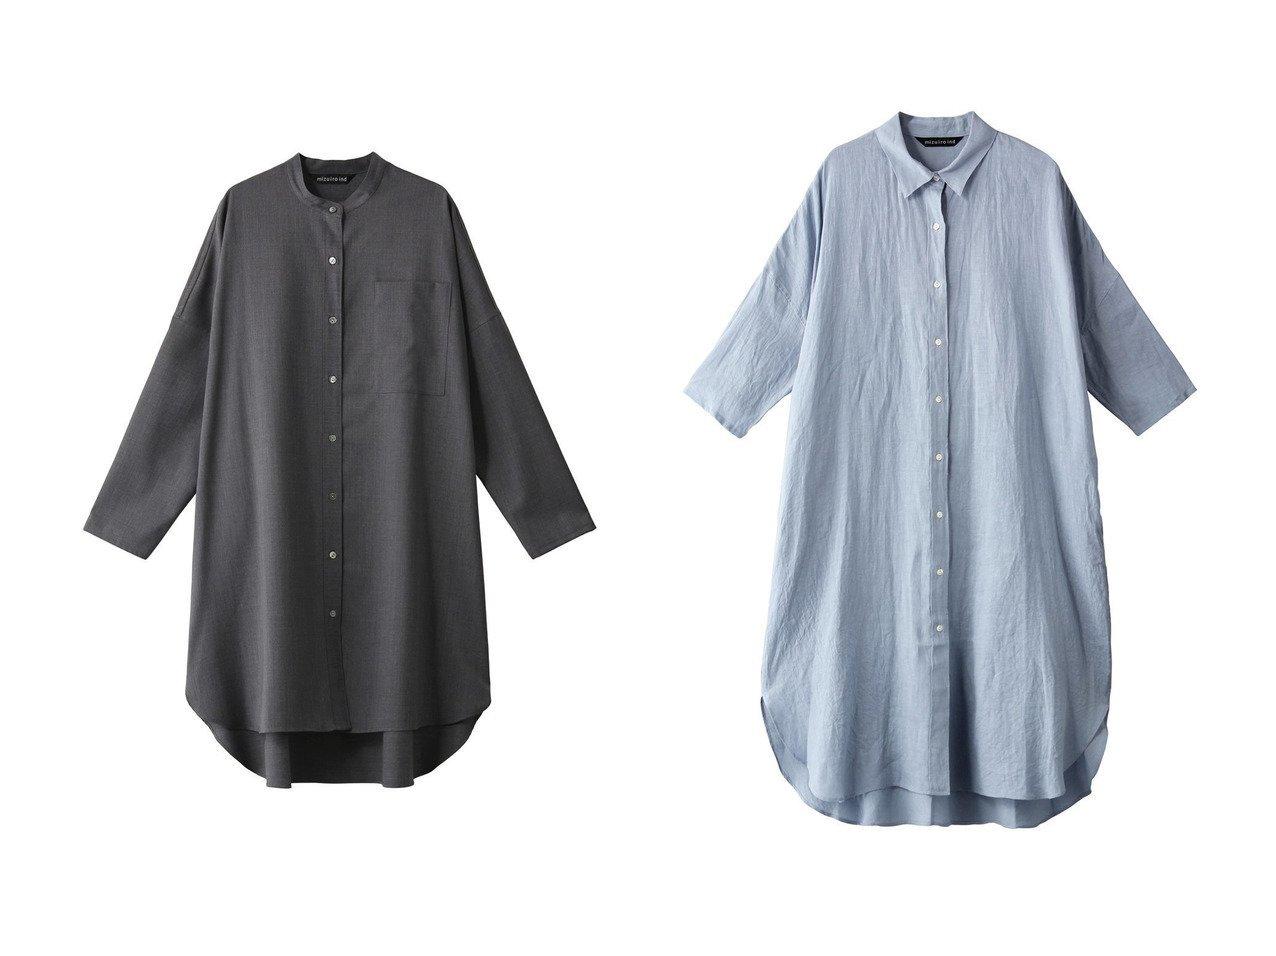 【mizuiro ind/ミズイロ インド】のスタンドカラーロングシャツ&リネンワイドロングシャツ トップス・カットソーのおすすめ!人気、トレンド・レディースファッションの通販 おすすめで人気の流行・トレンド、ファッションの通販商品 メンズファッション・キッズファッション・インテリア・家具・レディースファッション・服の通販 founy(ファニー) https://founy.com/ ファッション Fashion レディースファッション WOMEN トップス Tops Tshirt シャツ/ブラウス Shirts Blouses スタンド スリーブ トレンド フォルム ボトム レギンス ロング 今季 2021年 2021 2021 春夏 S/S SS Spring/Summer 2021 S/S 春夏 SS Spring/Summer ショート シンプル リネン 半袖 春 Spring |ID:crp329100000014786